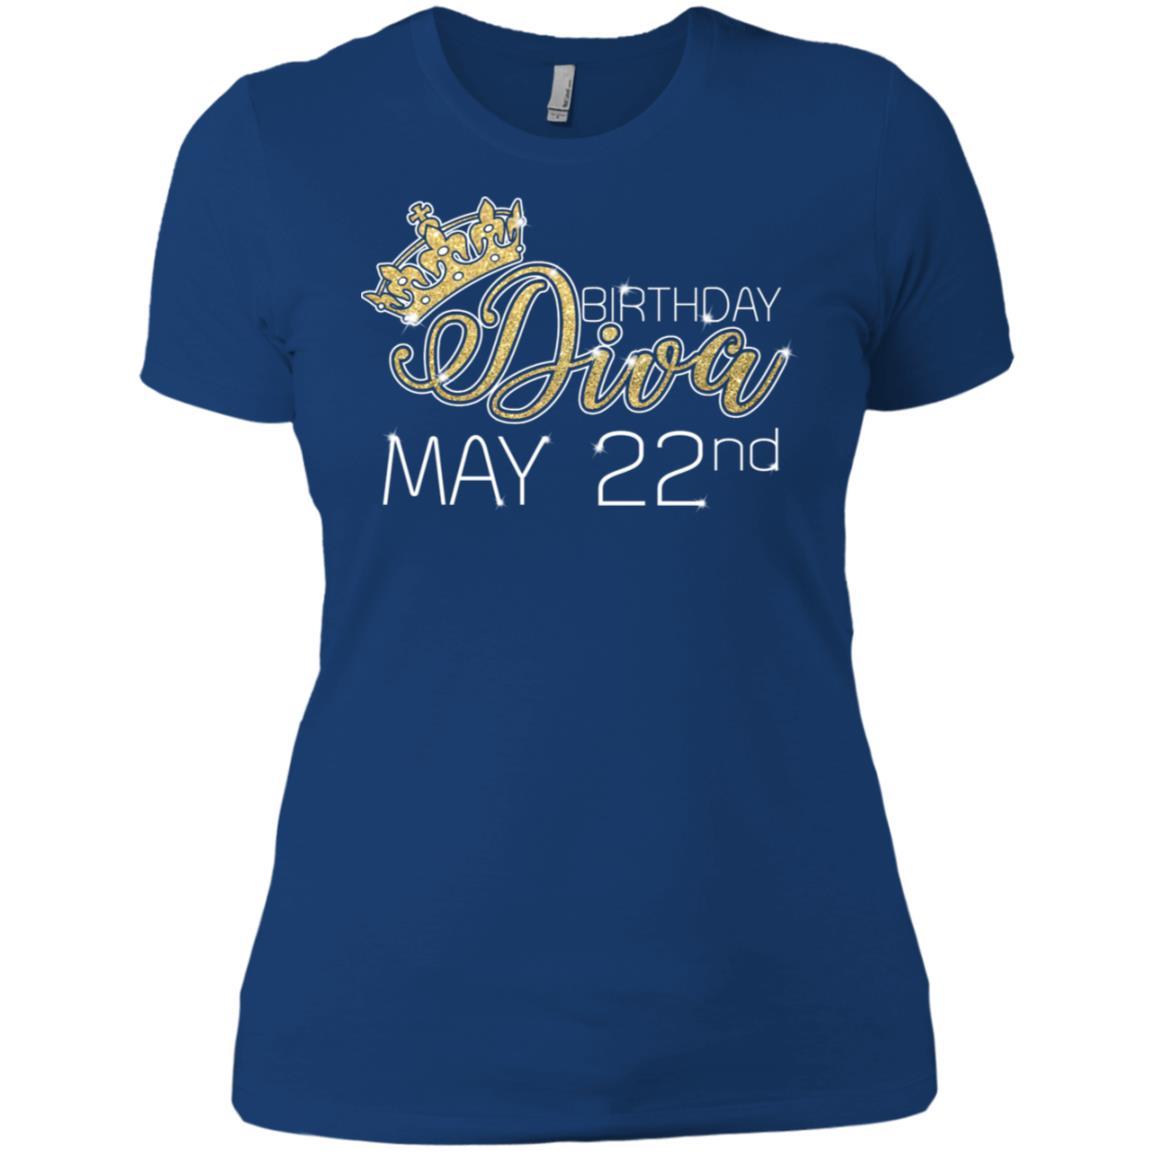 Birthday Diva on May 22nd Taurus Pride Women Short Sleeve